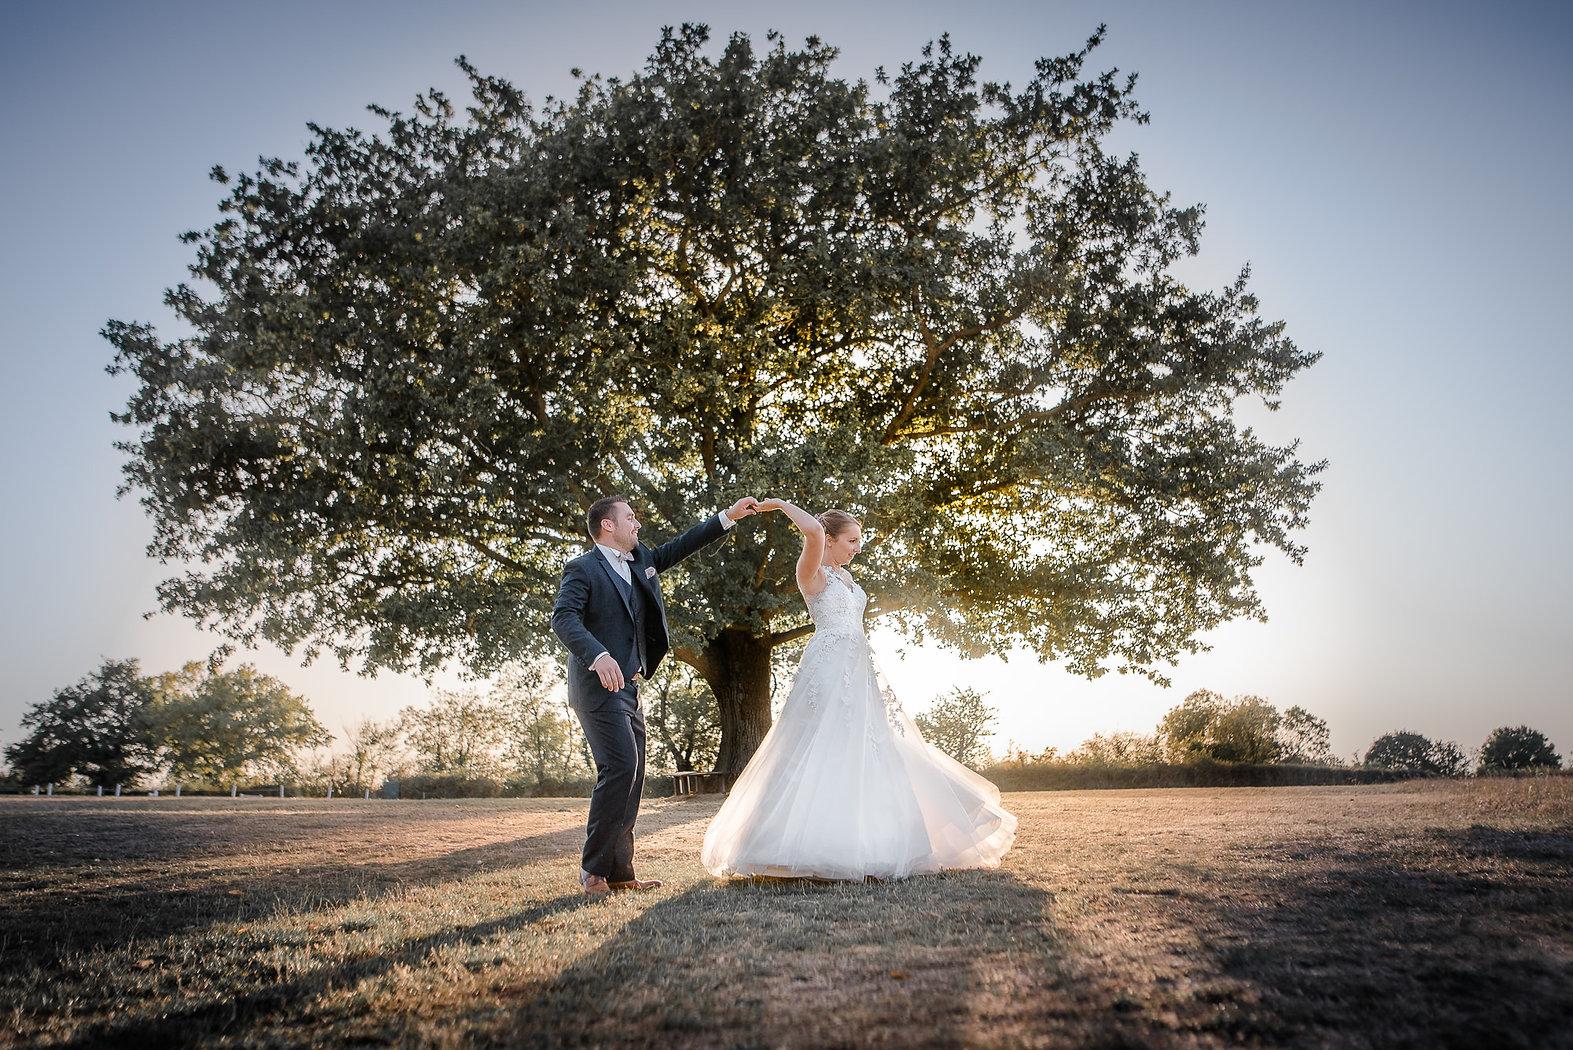 Photographe de mariage Angers - Marc Leg